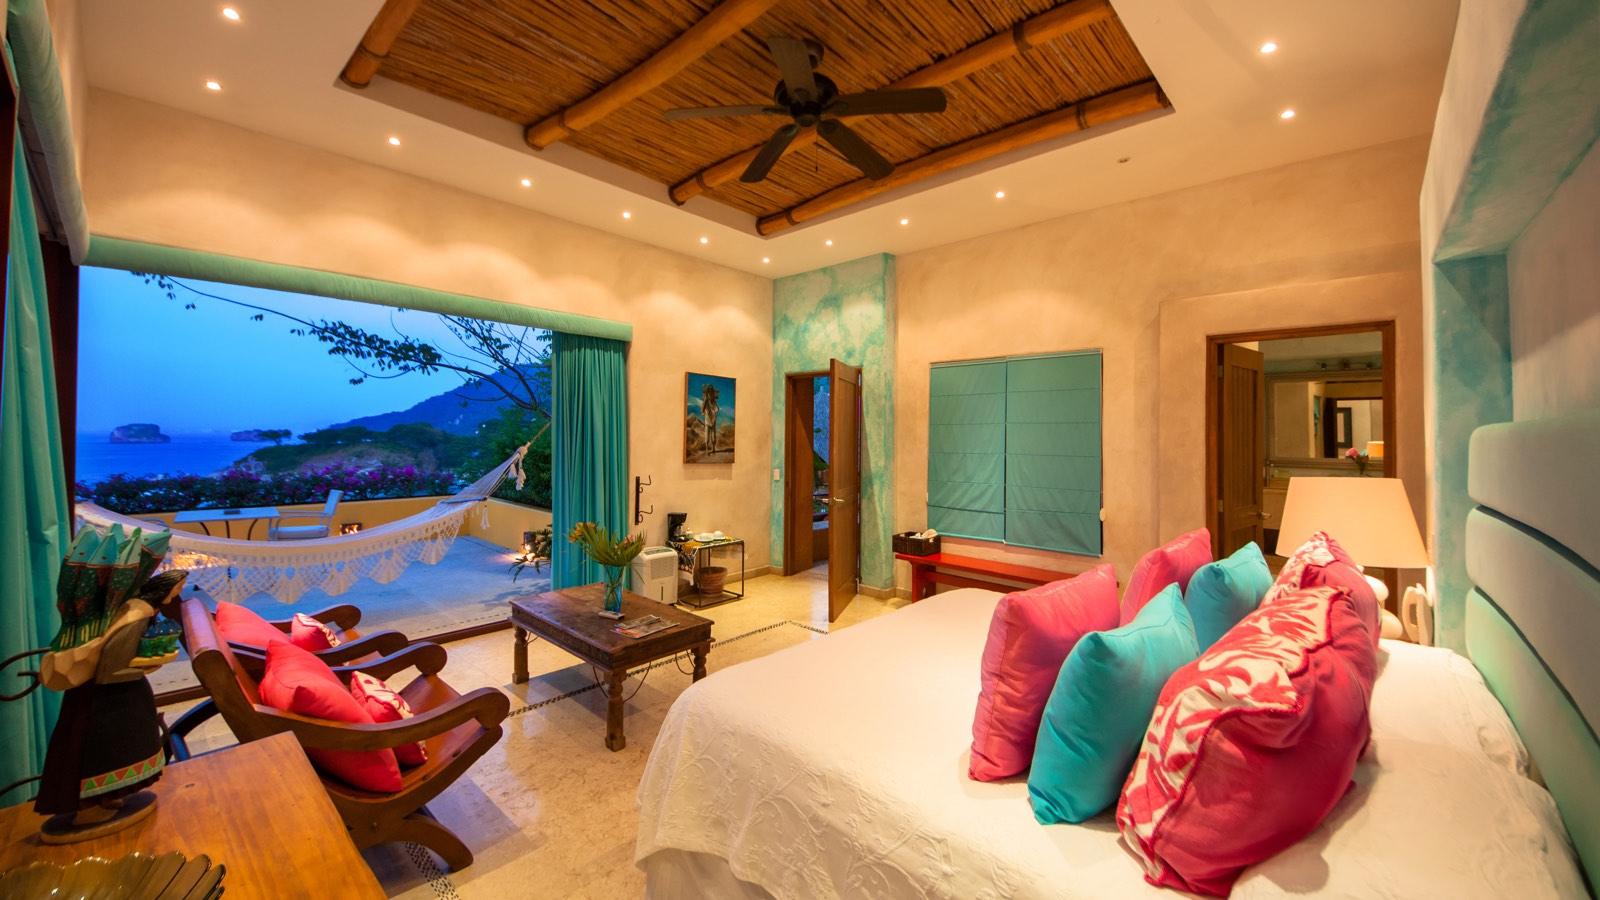 villa-mandarinas-vallarta-turquoise-bedroom1.jpg